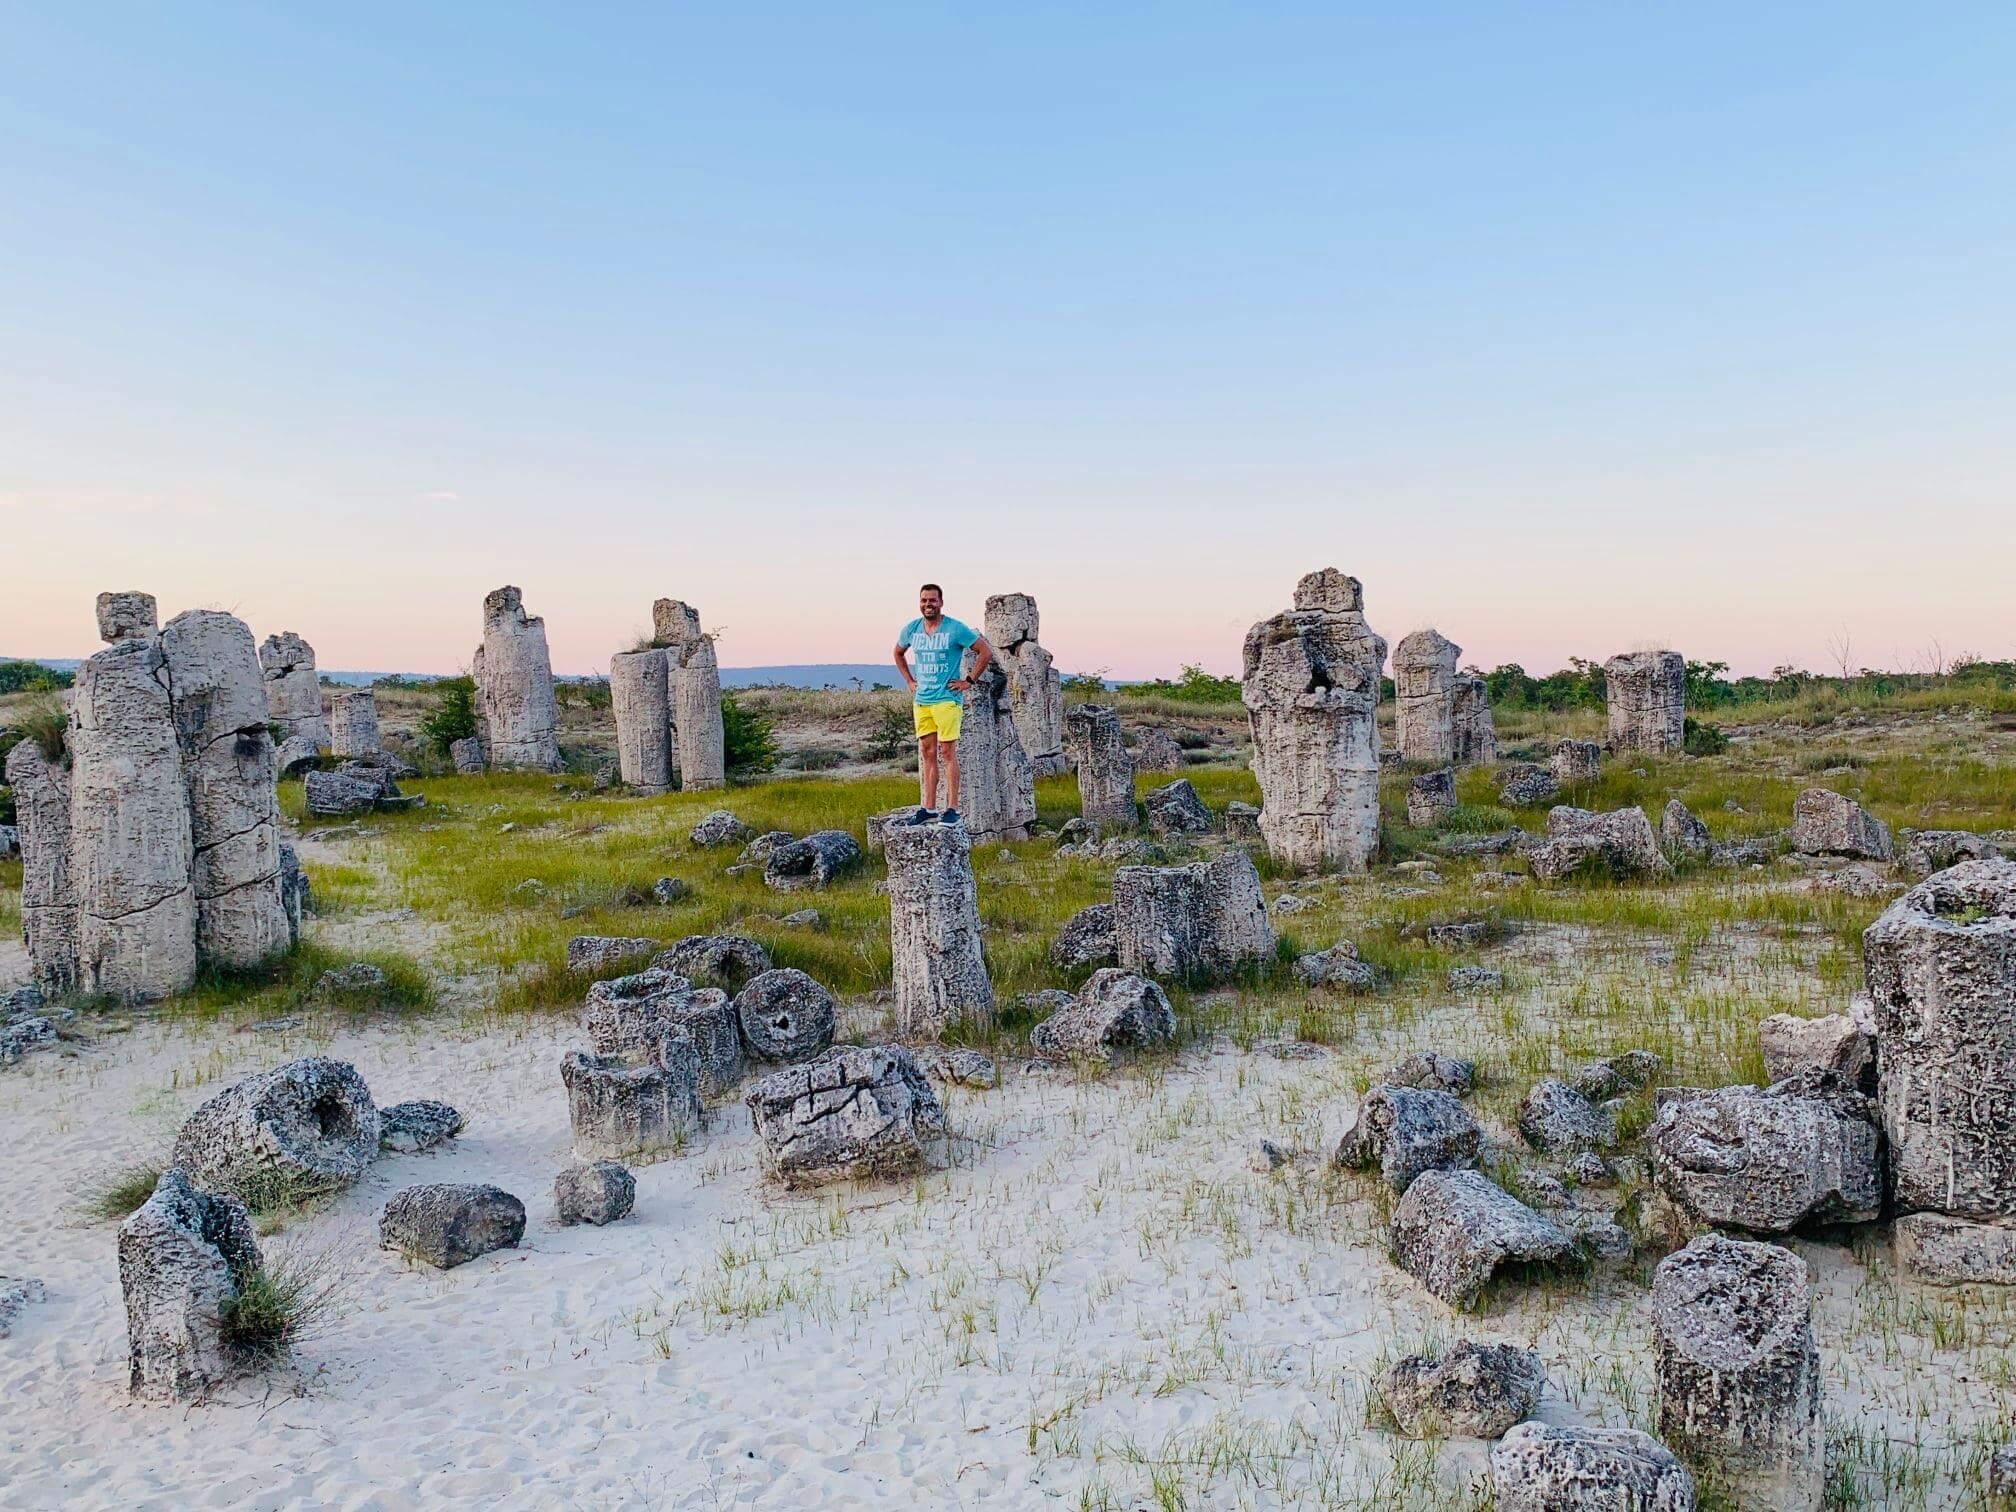 131072522_10157687740368730_8201988094013023090_o Bulgaria - Land of Ancient Treasures and Natural Wonders